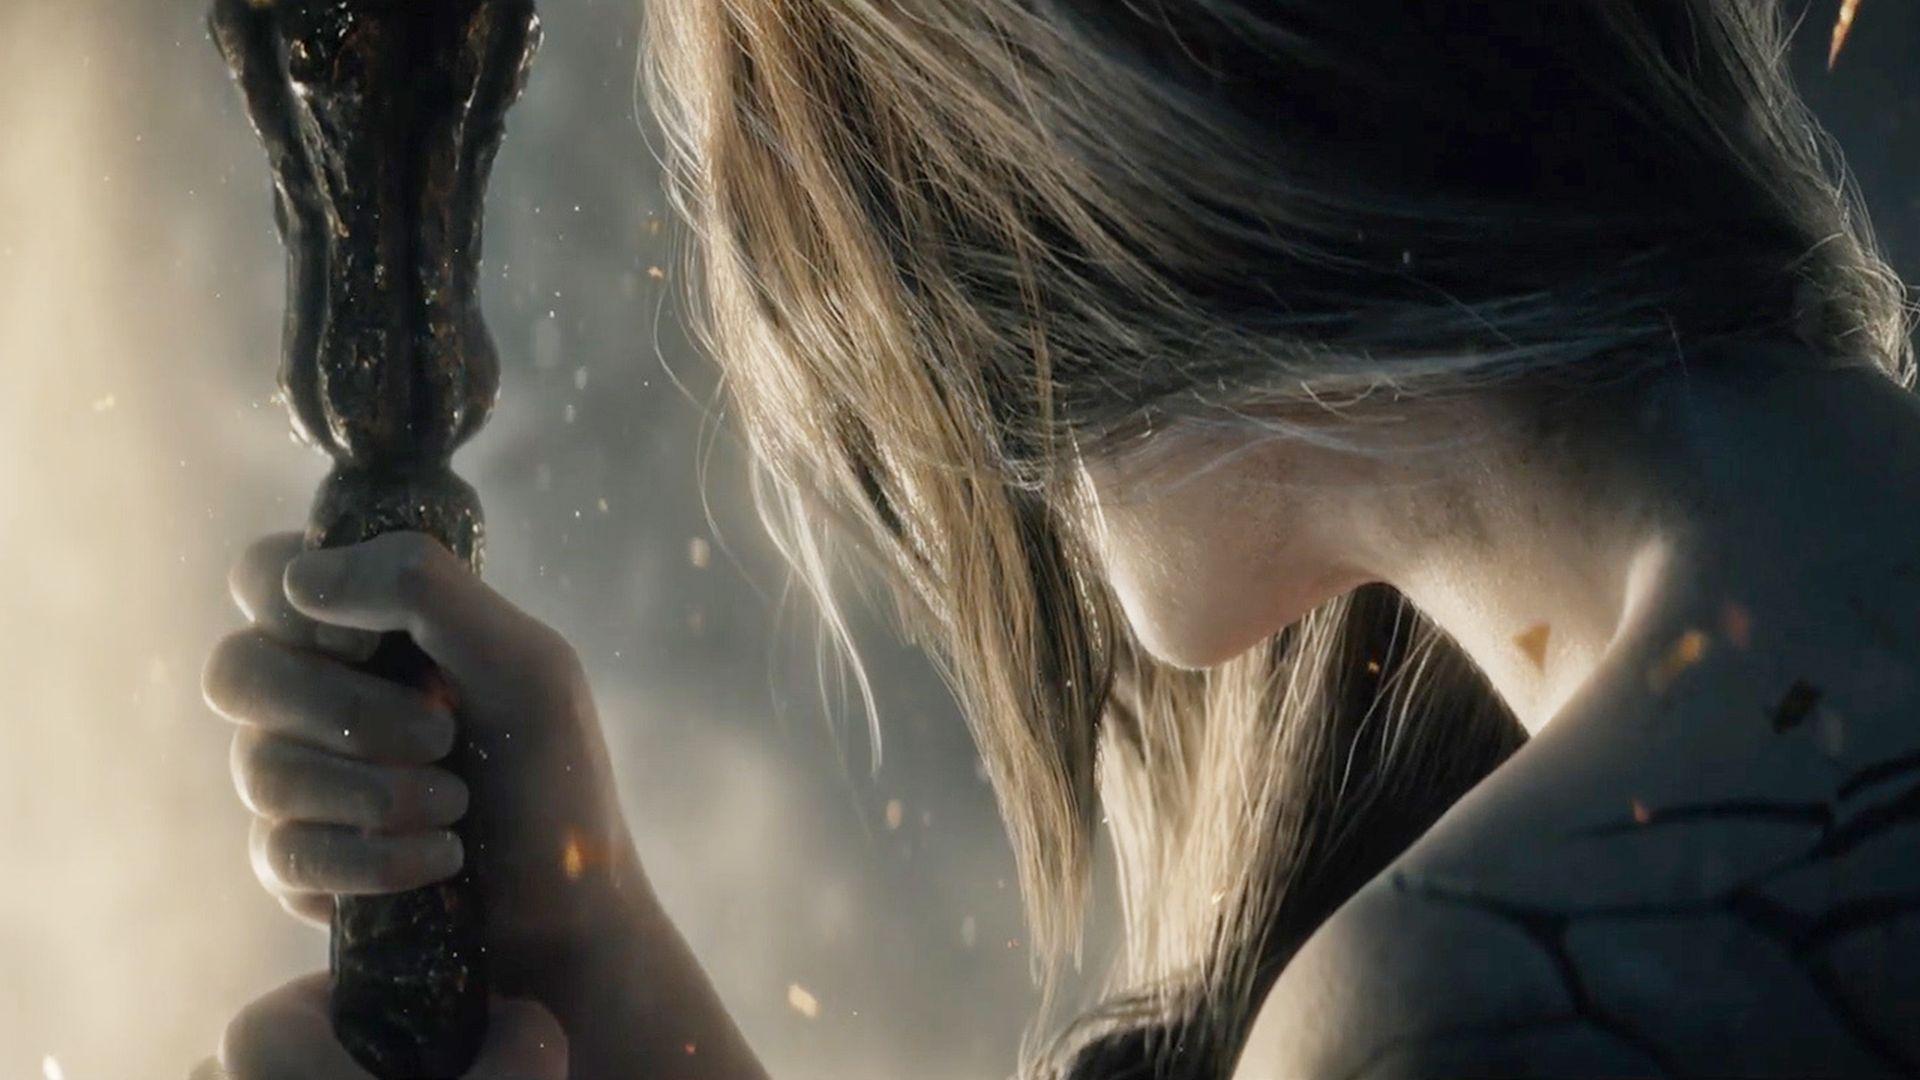 گزارش: بازی Elden Ring در رویداد Gamescom 2019 به صورت خصوصی نمایش داده خواهد شد